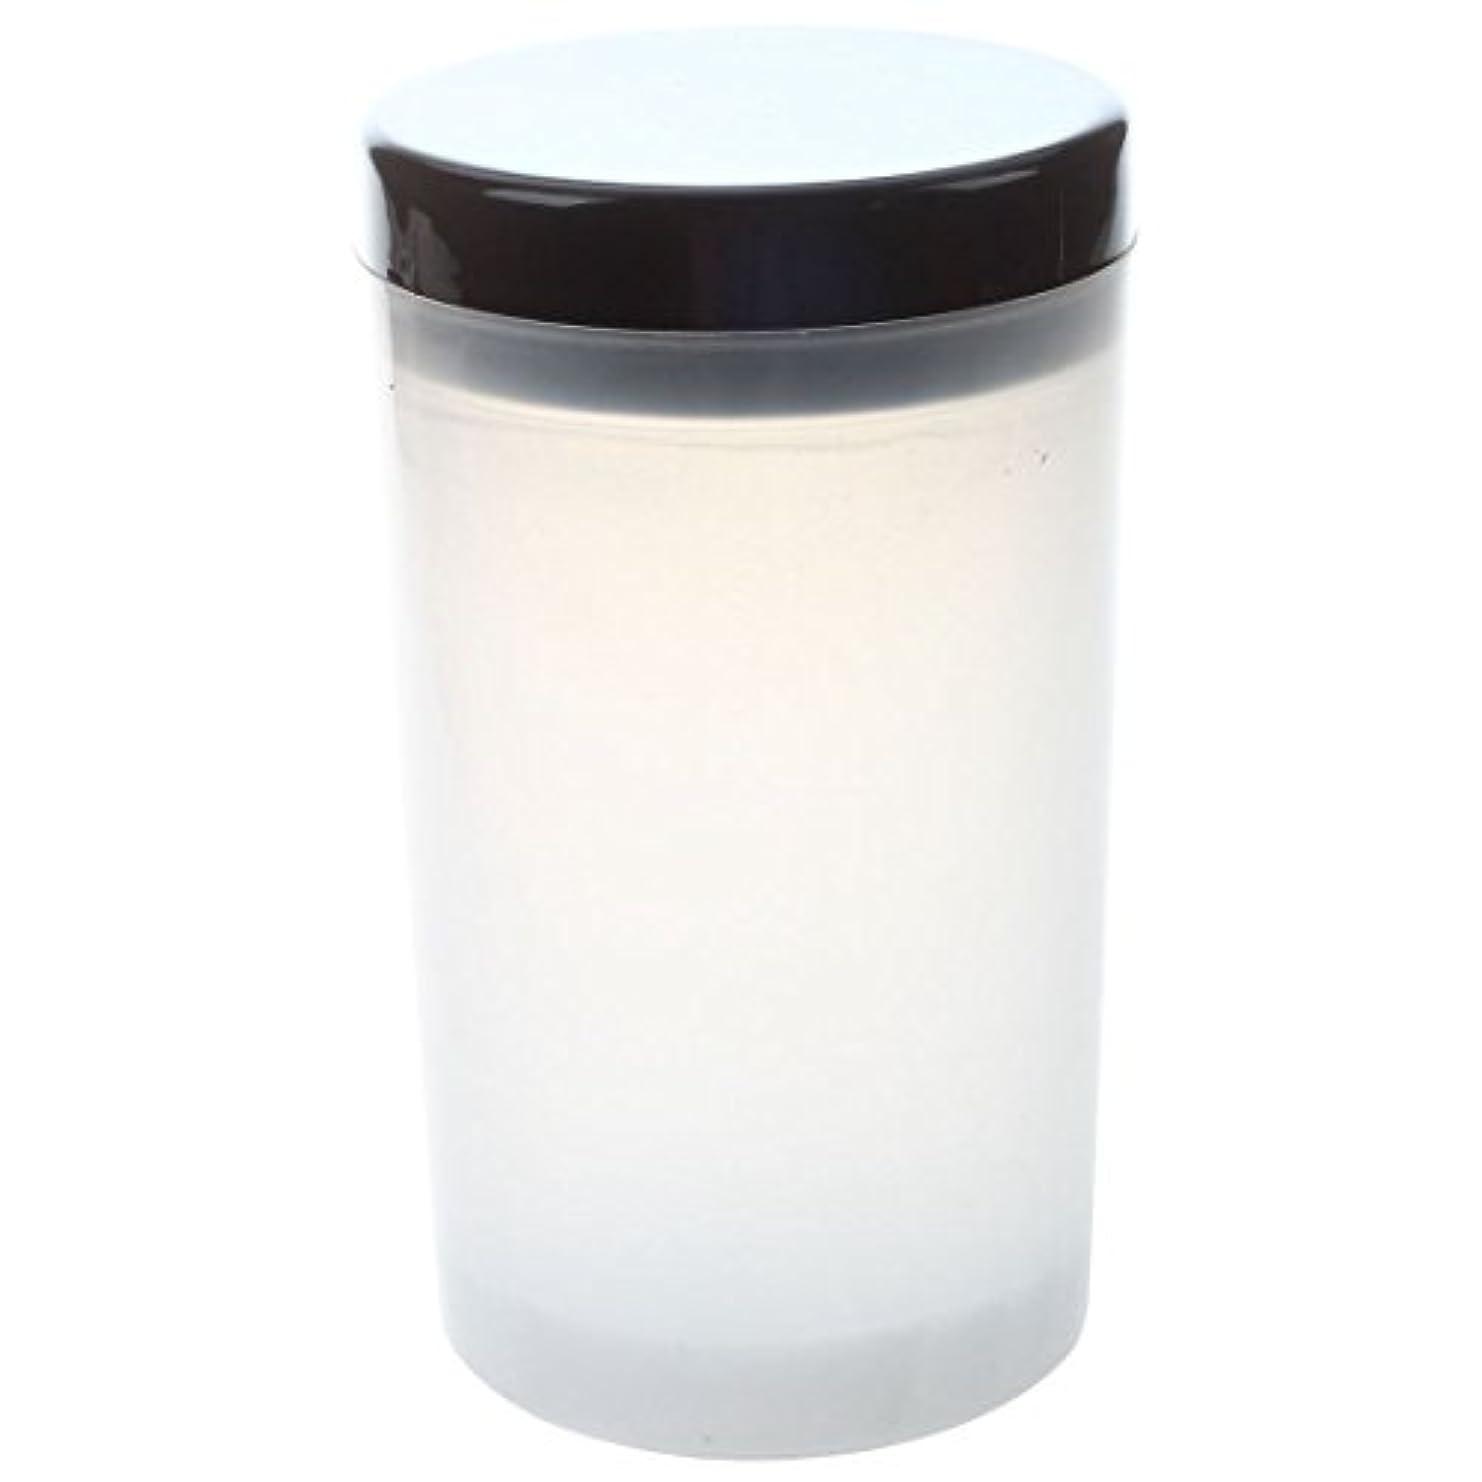 懐バックアップ愚かGaoominy ネイルアートチップブラシホルダー リムーバーカップカップ浸漬ブラシ クリーナーボトル